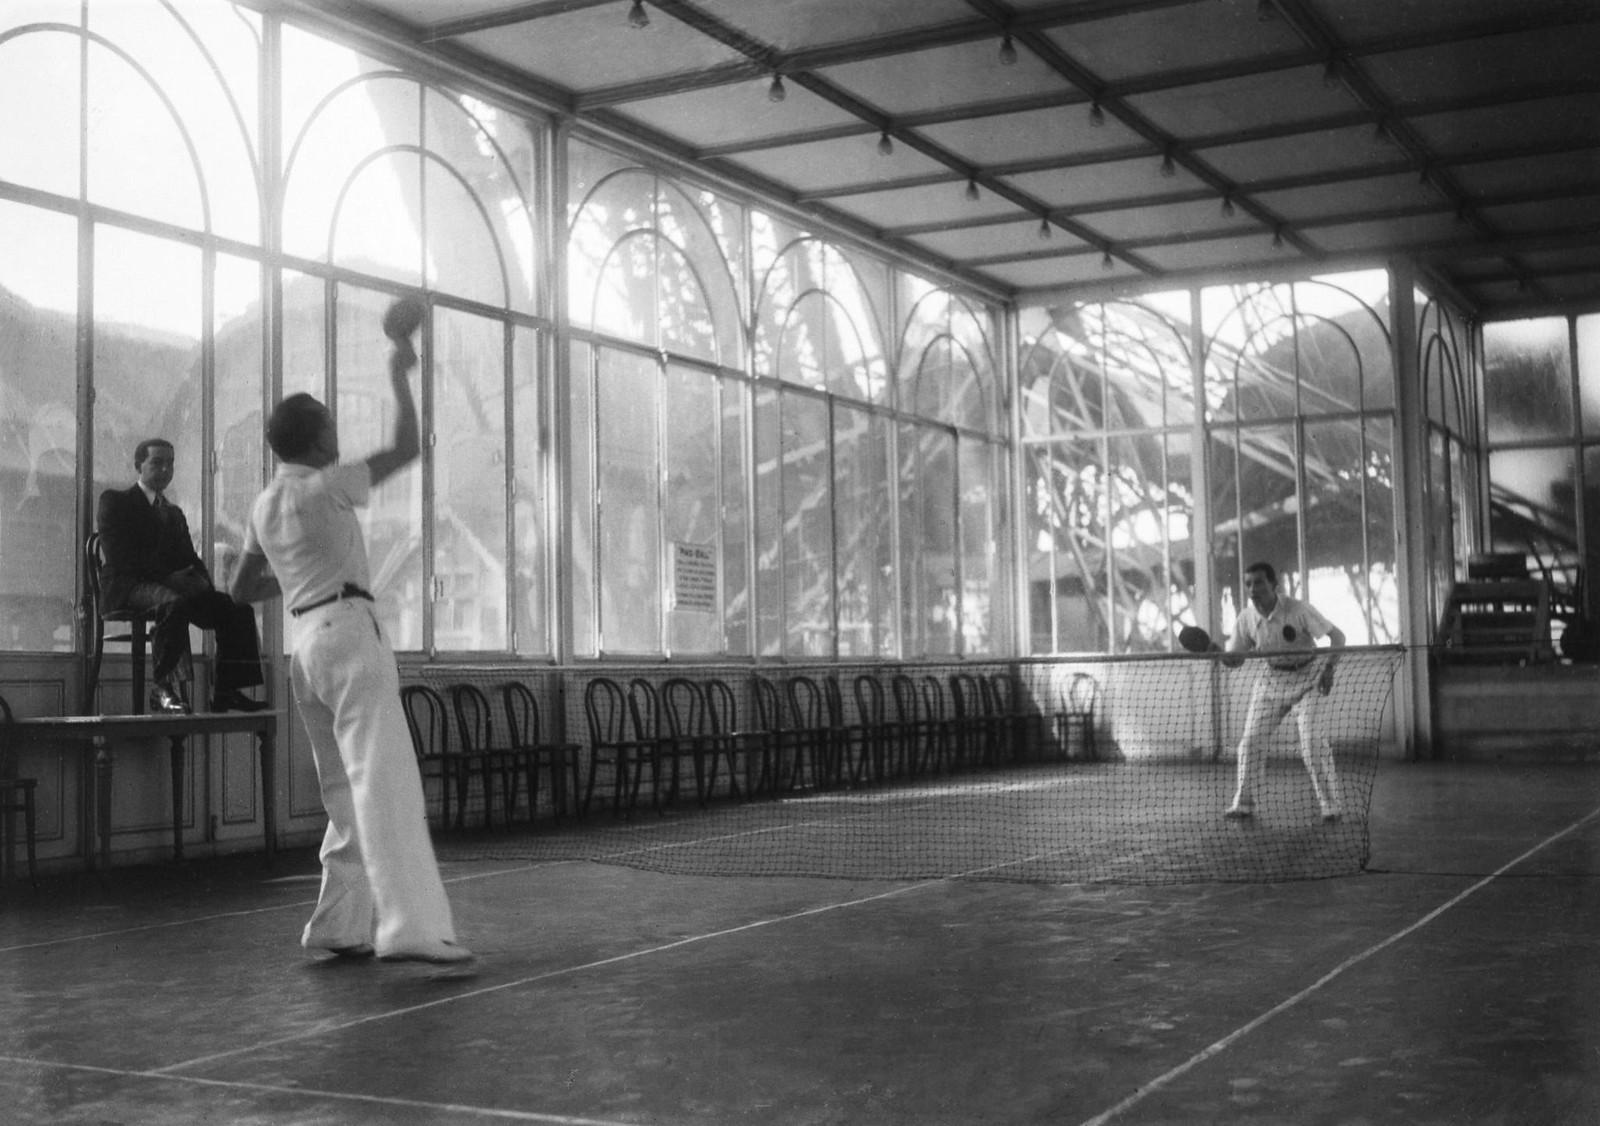 03. 1936. Миниатюрный теннисный корт у подножия Эйфелевой башни